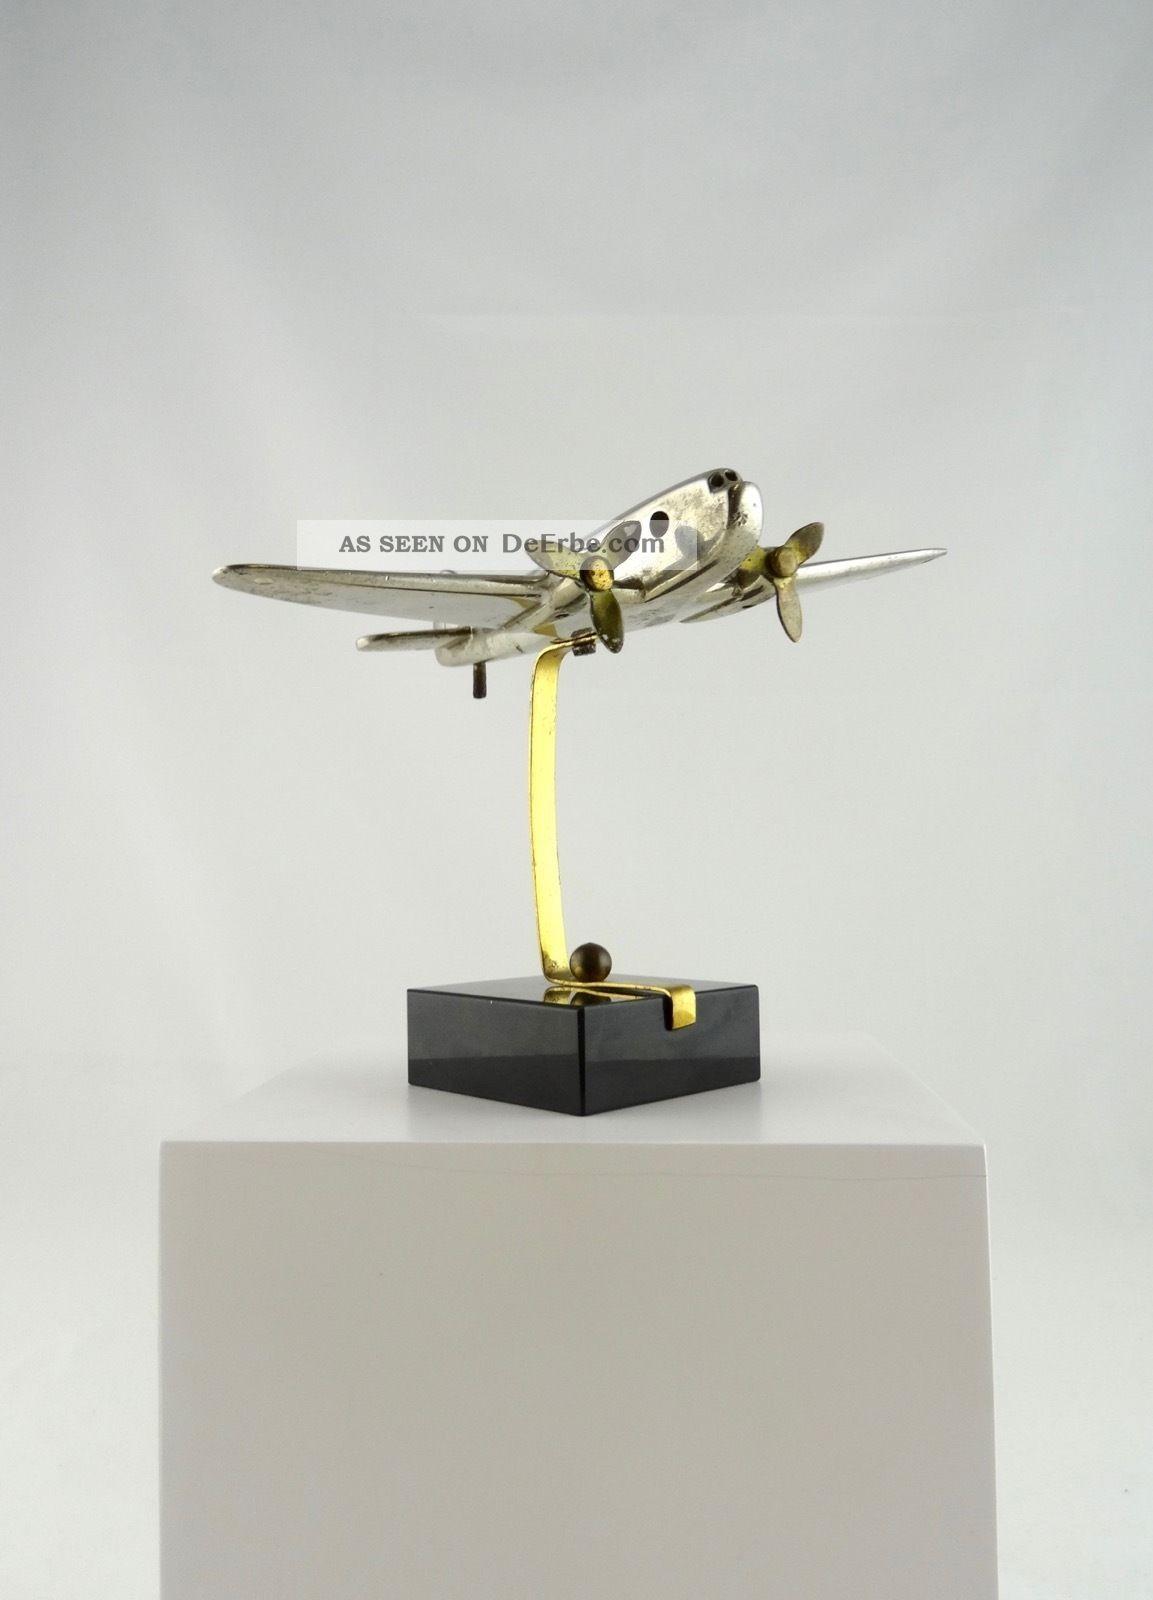 Art Deco Metall Flugzeug Skulptur Auf Onyx Luftfahrt Frankreich 1940 1920-1949, Art Déco Bild